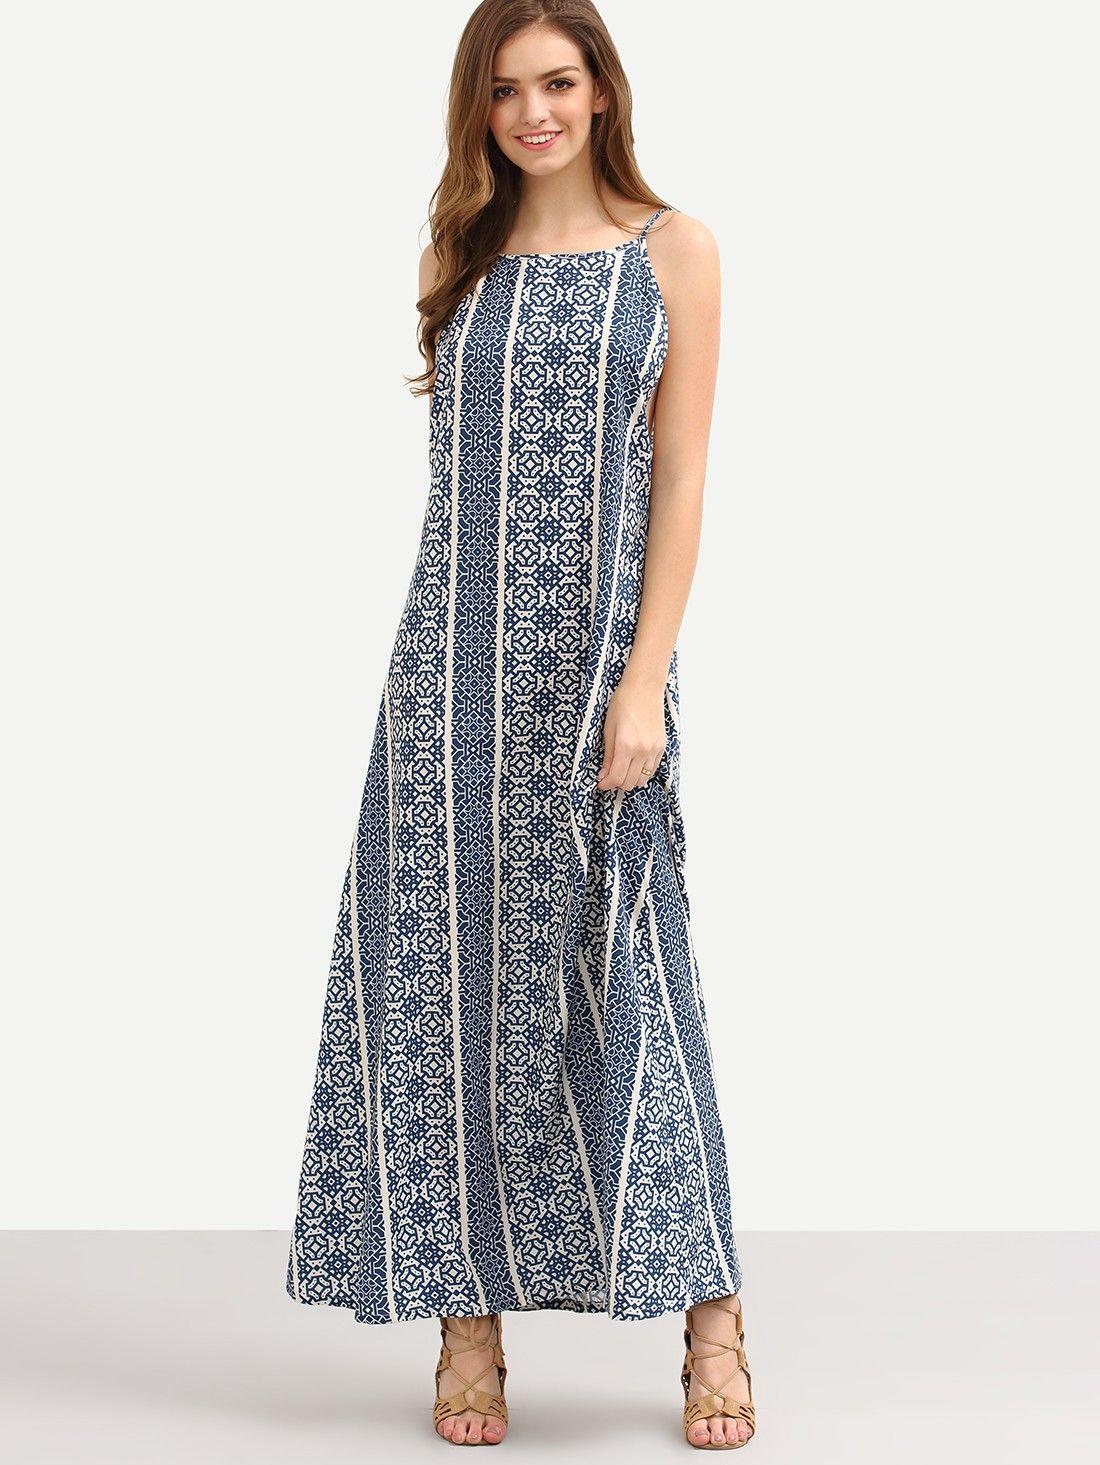 Kleid mit Druck 2017 bunt | Kleider 2017 | Pinterest